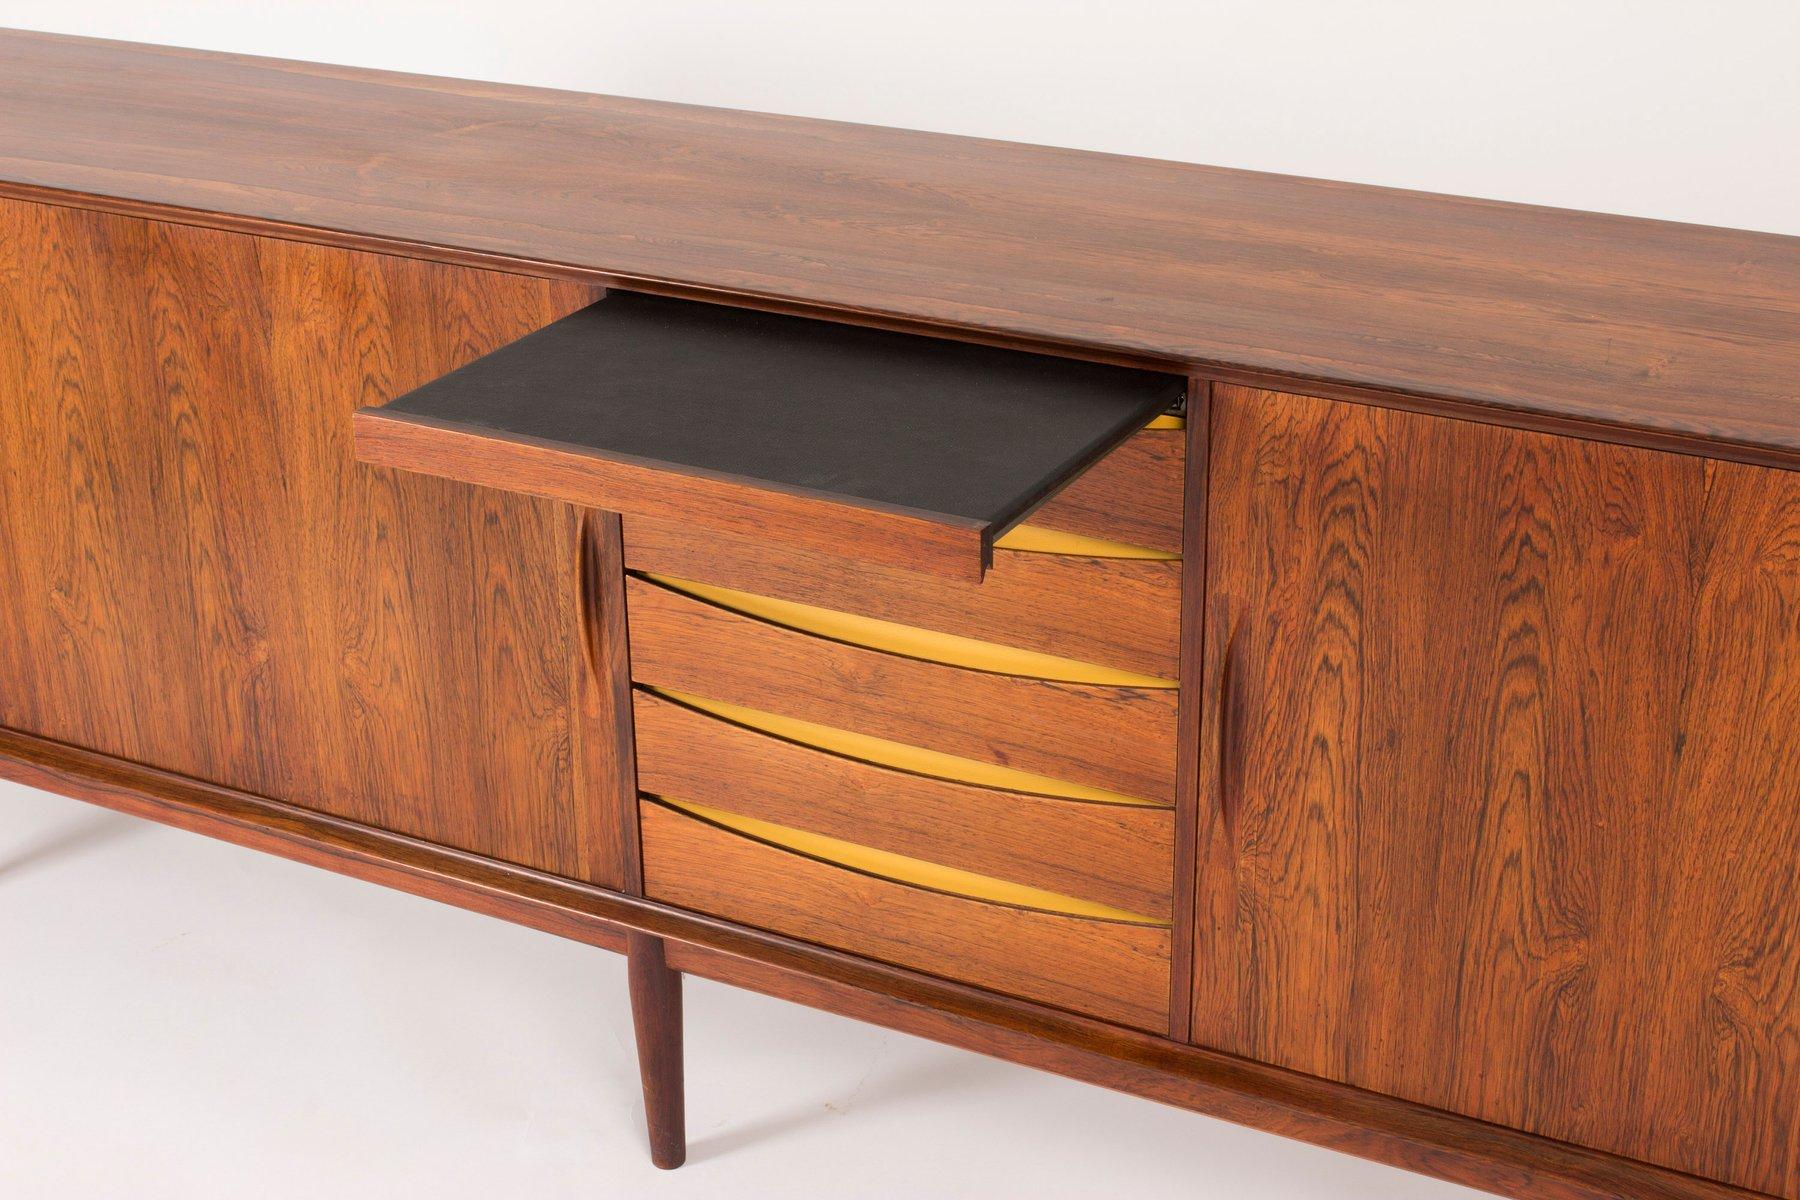 rosewood sideboard by arne vodder for sibast 1950s for sale at pamono. Black Bedroom Furniture Sets. Home Design Ideas